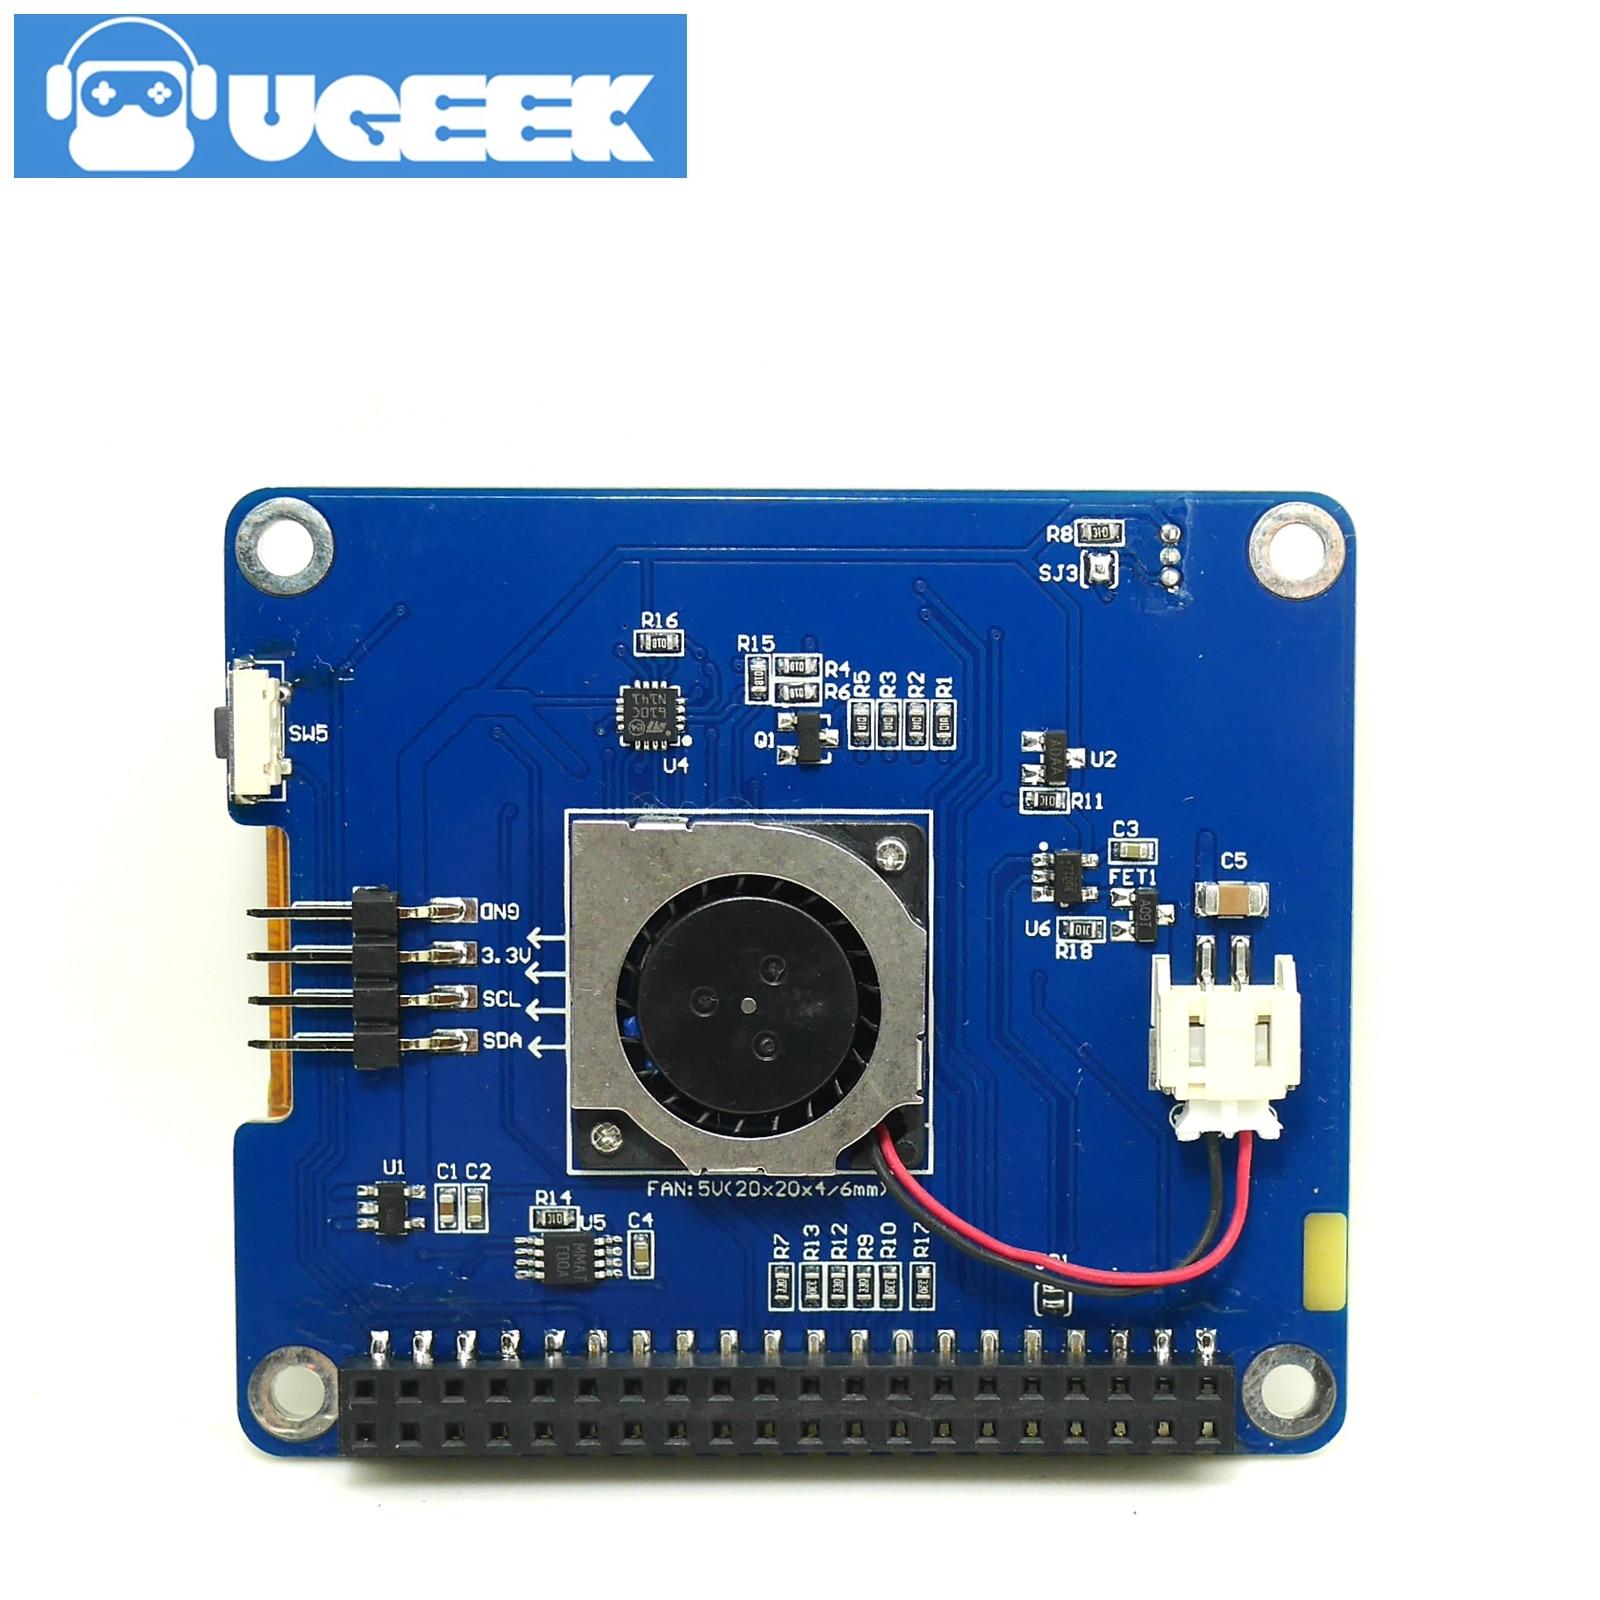 شاشة TFT تعمل باللمس 2.4 بوصة مع مروحة لتوت العليق Pi 4B/3B +/3B | شاشة تعمل باللمس | صندوق قابل للحمل المعدني |